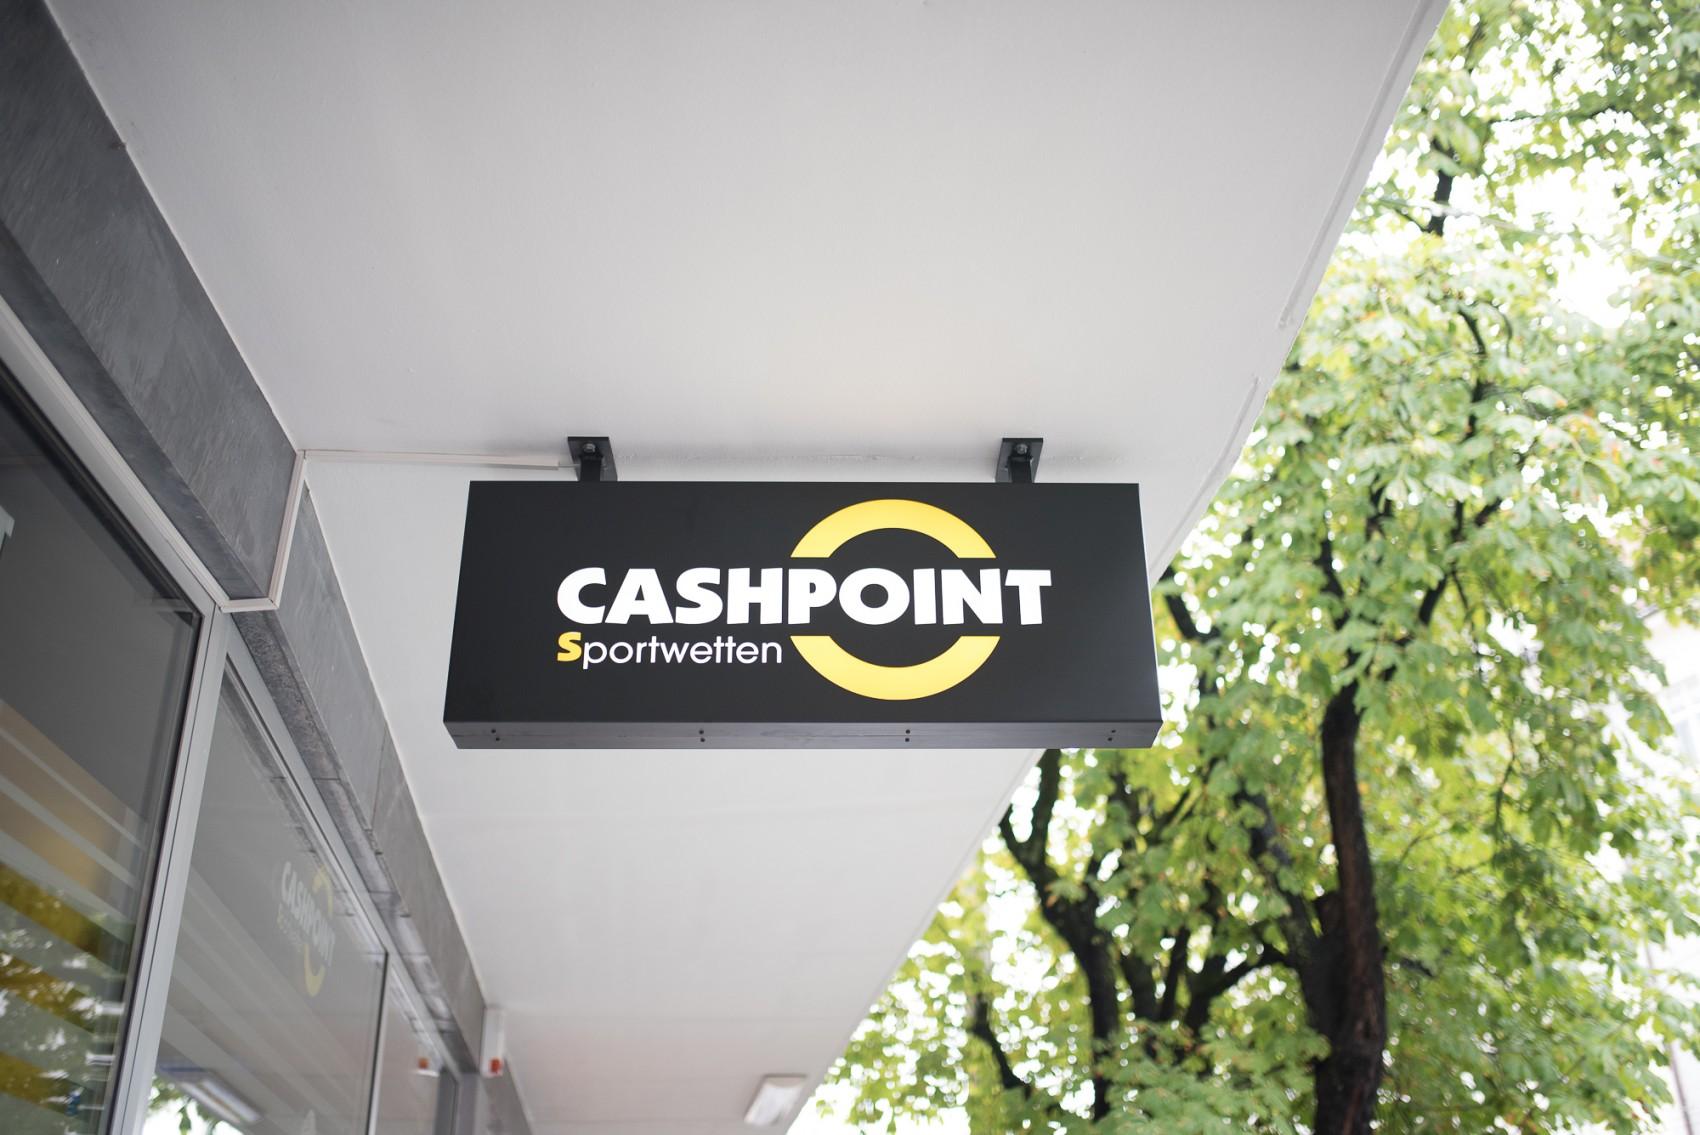 Cashpoint Sportwetten